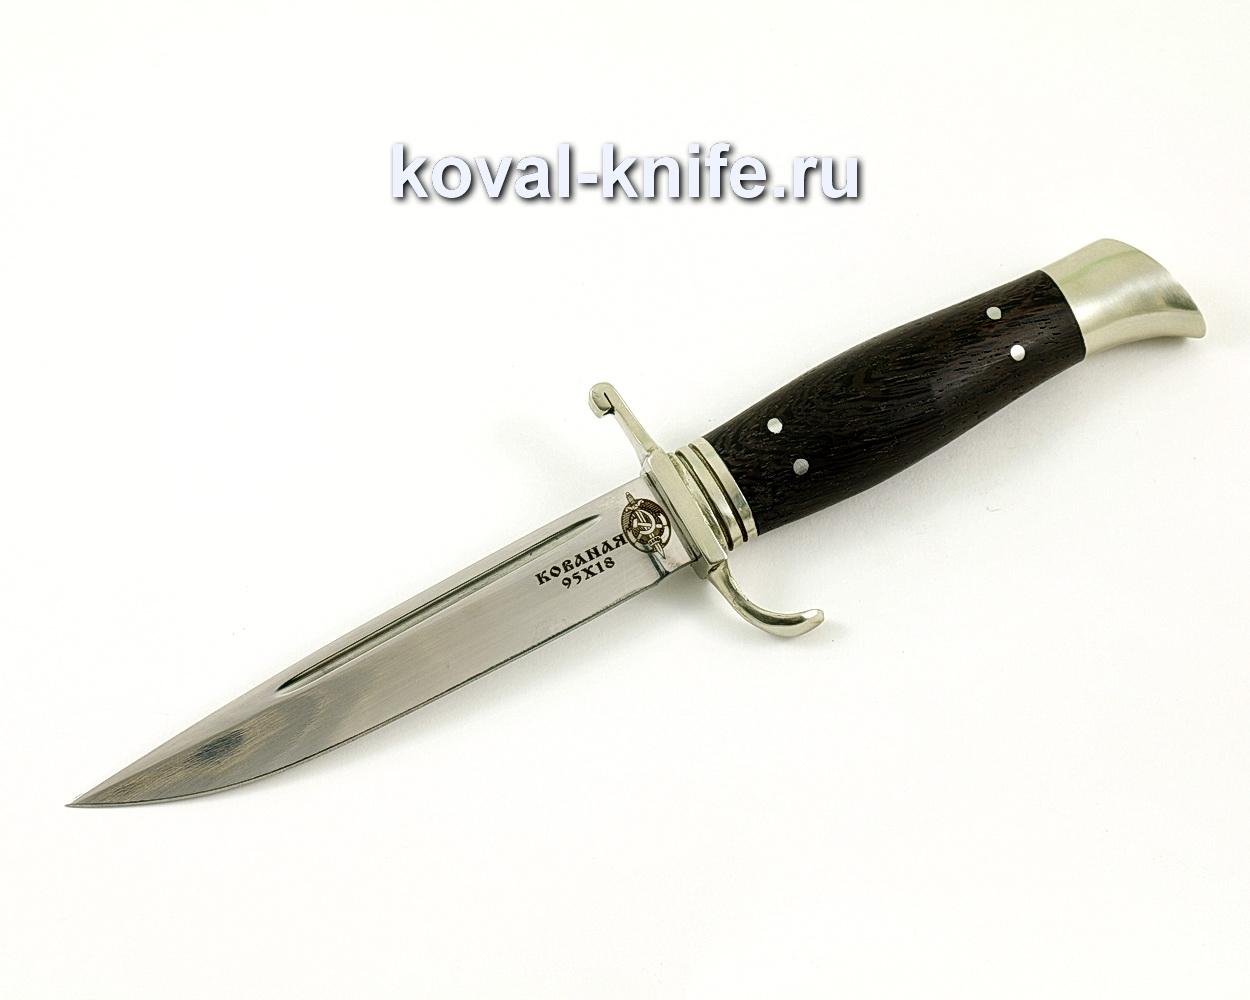 Нож Финка НКВД из кованой стали 95х18 (рукоять венге, литье мельхиор) A386